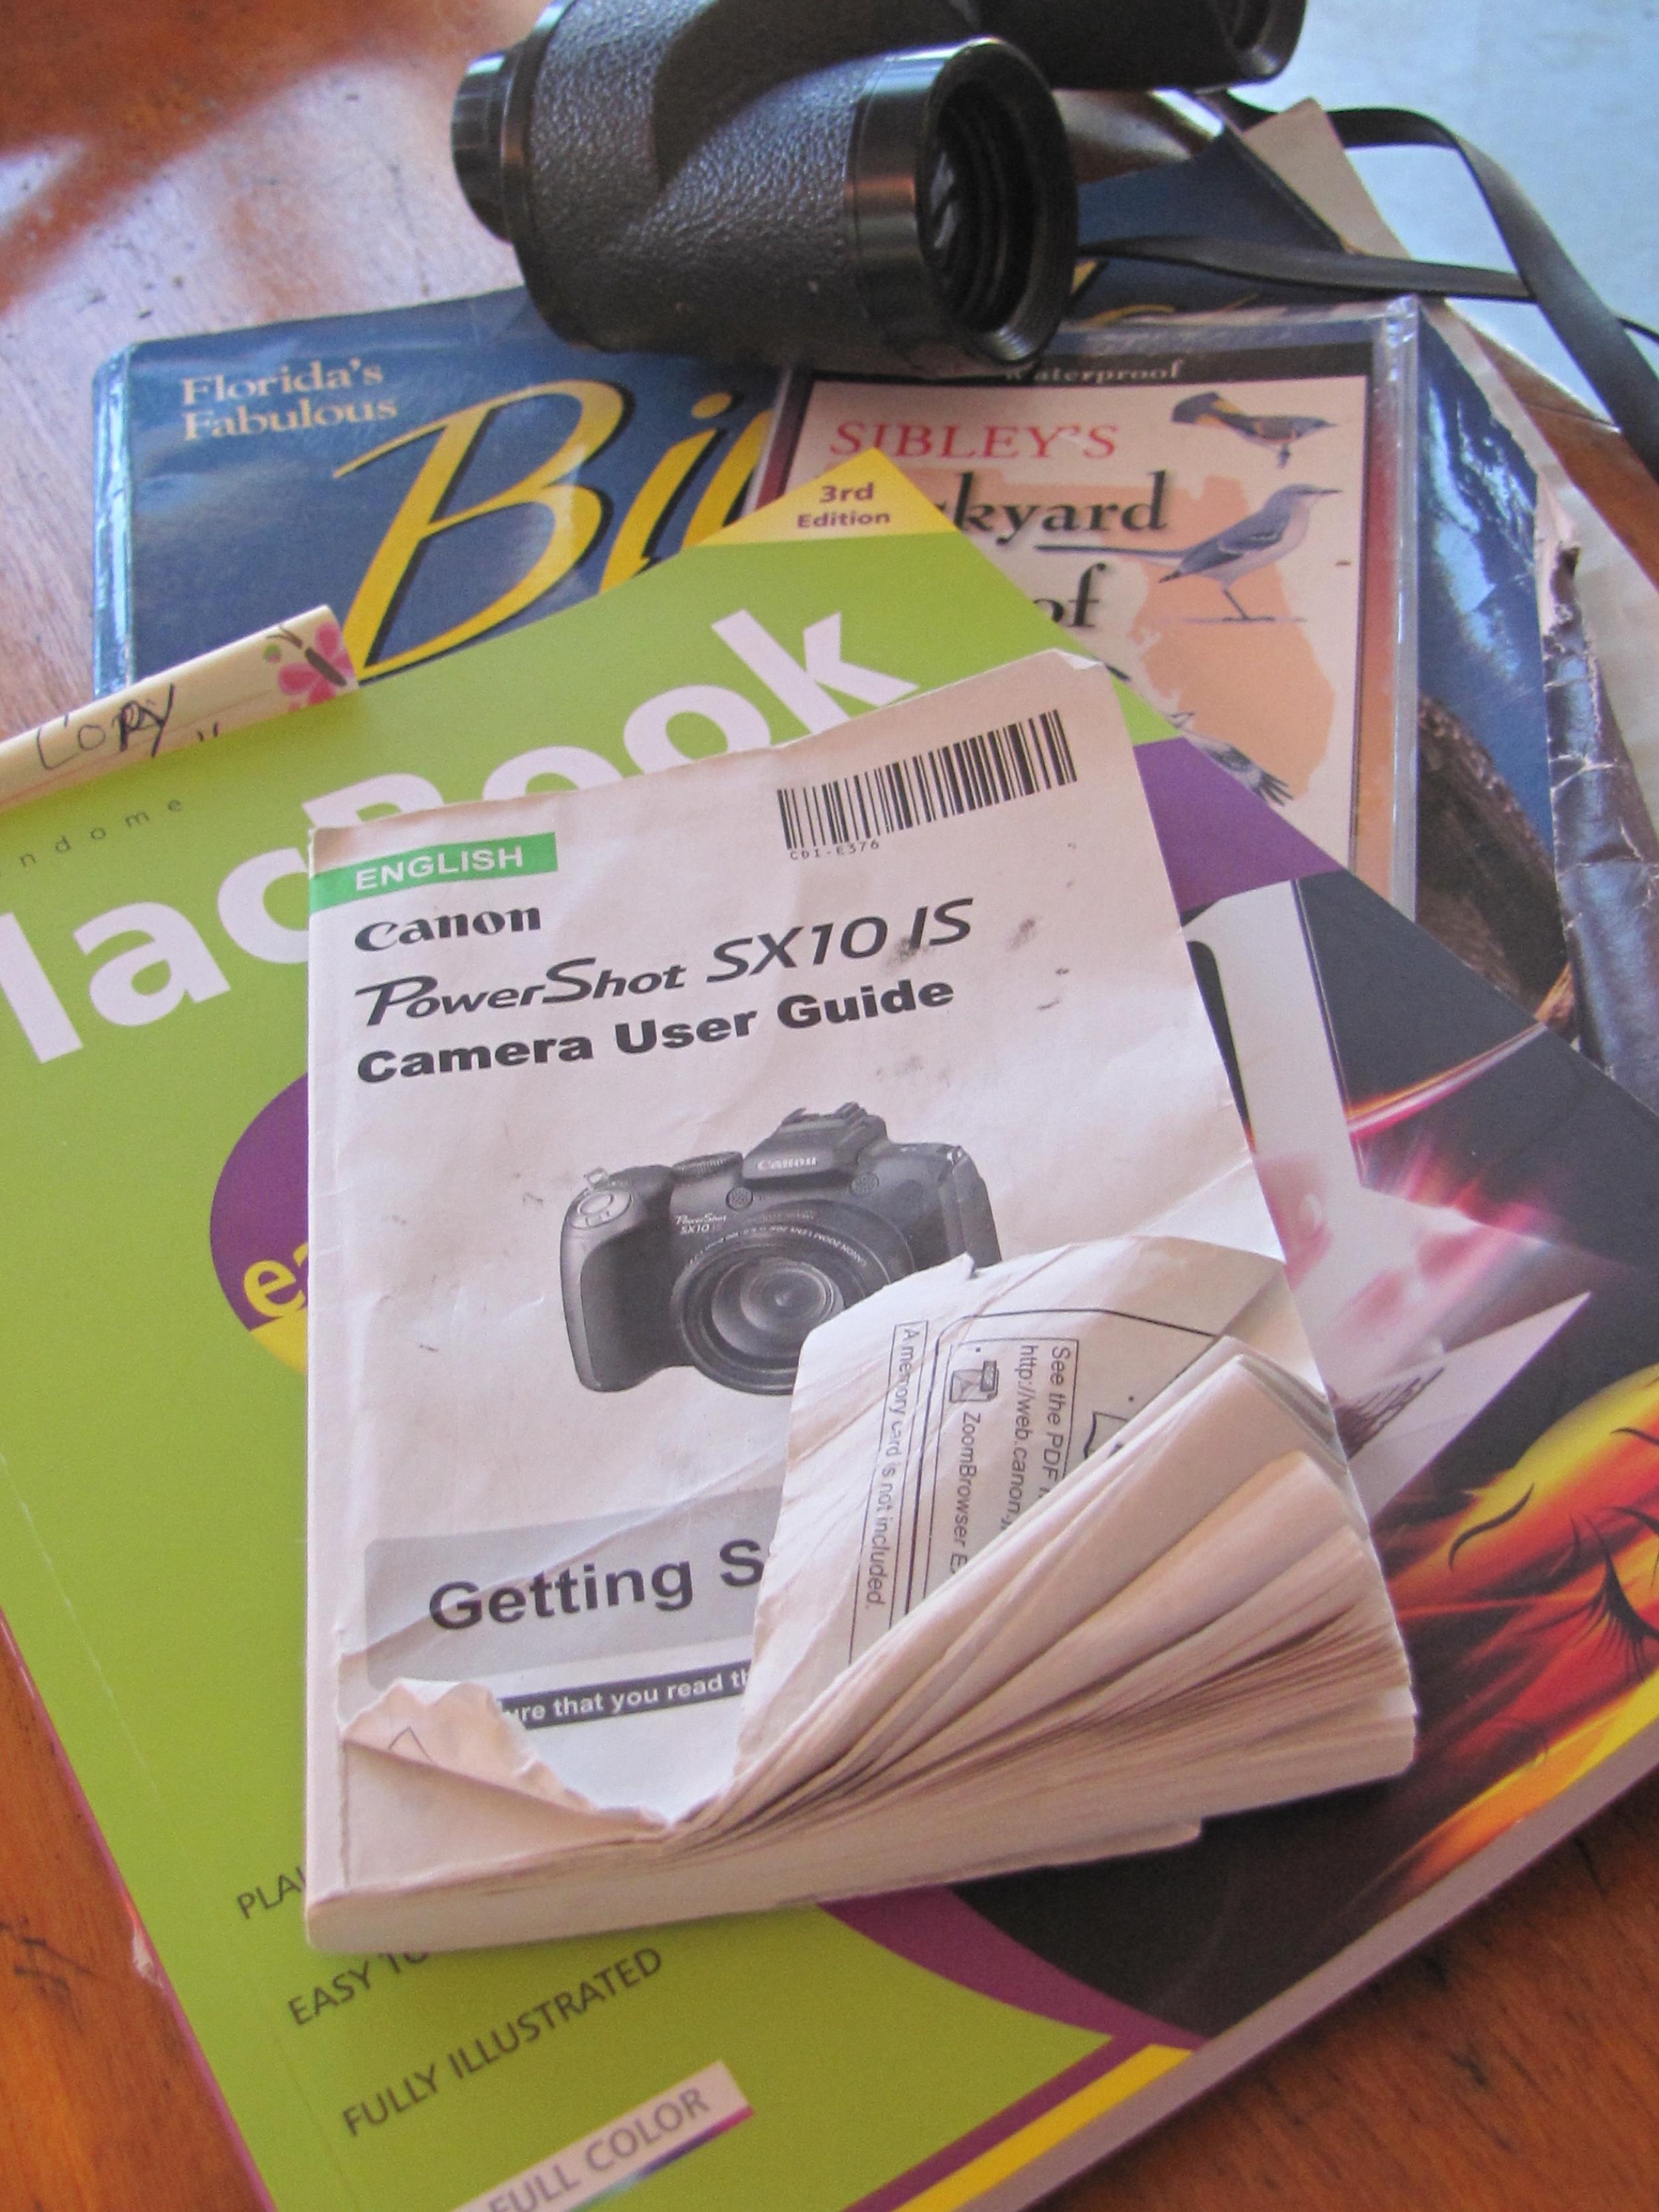 SO many manuals..